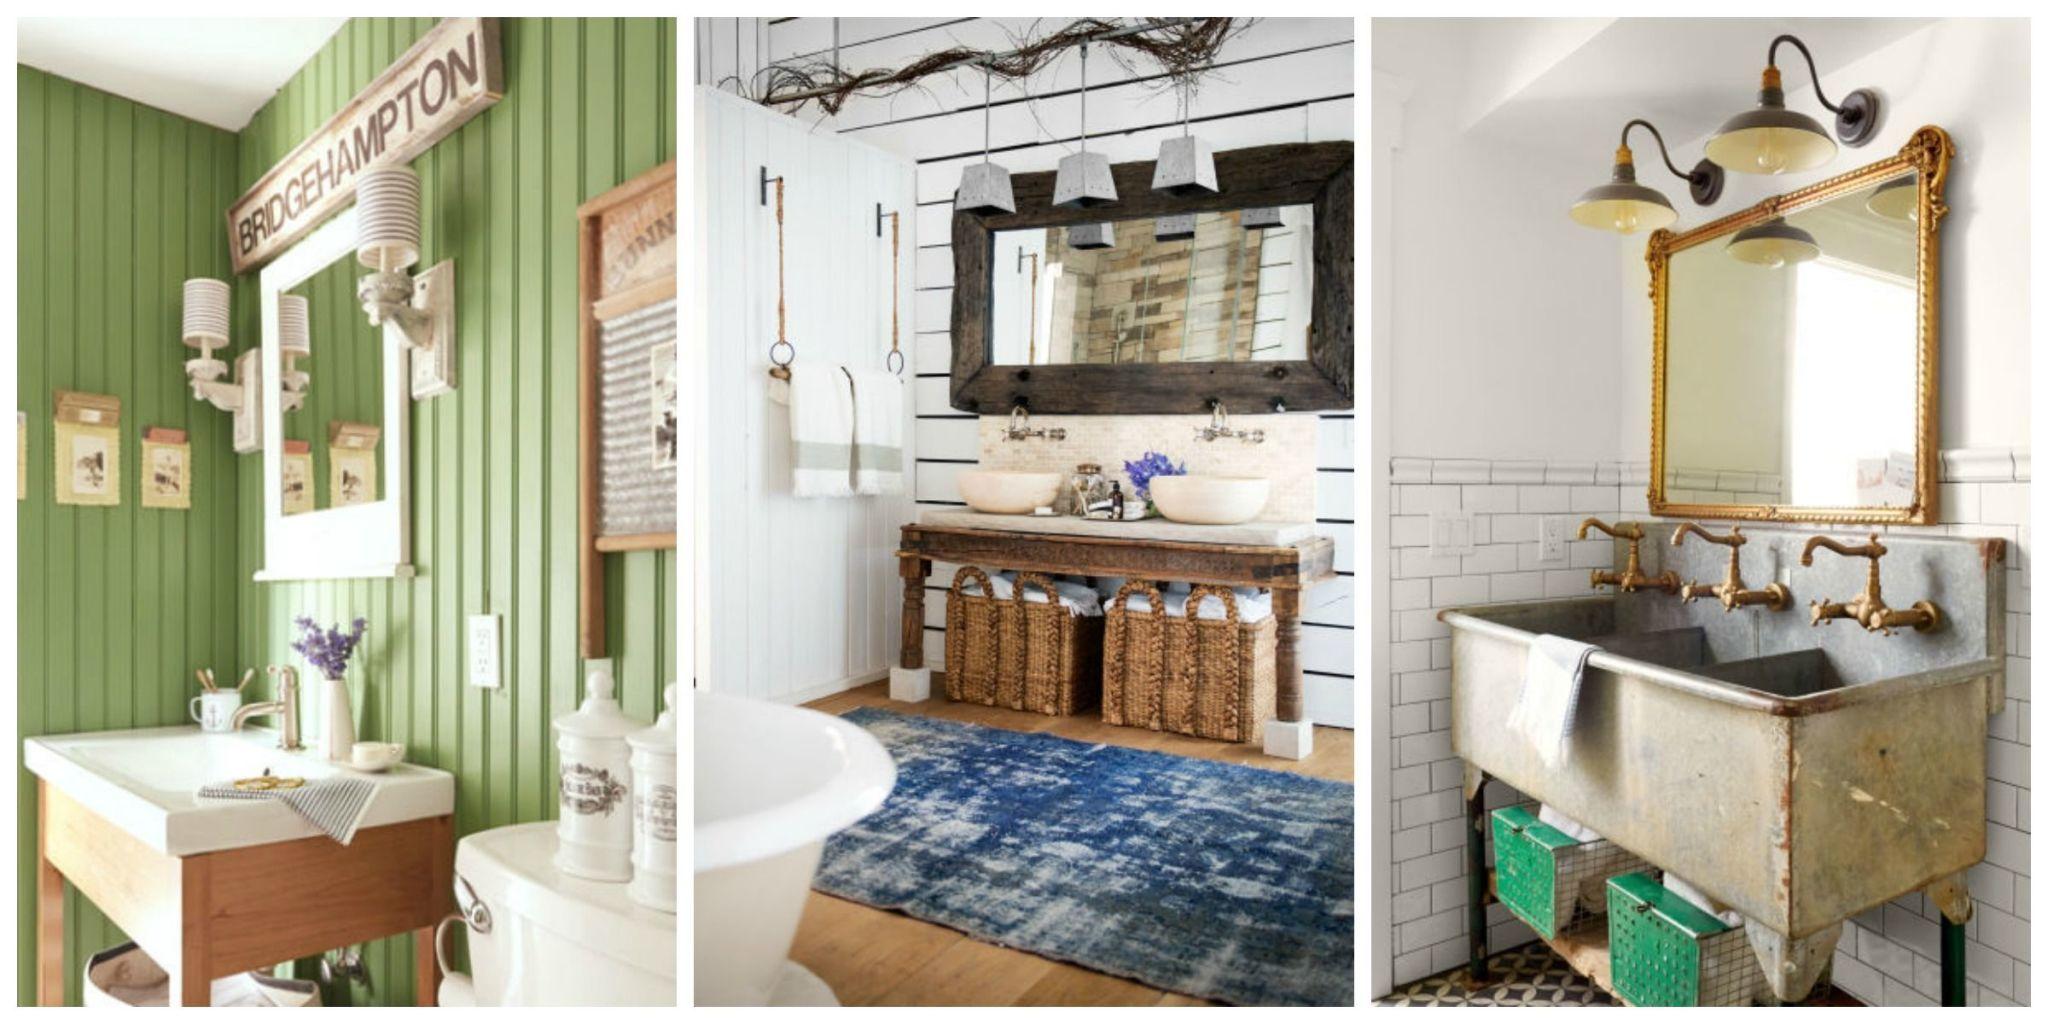 90 best bathroom decorating ideas decor design inspirations for rh countryliving com